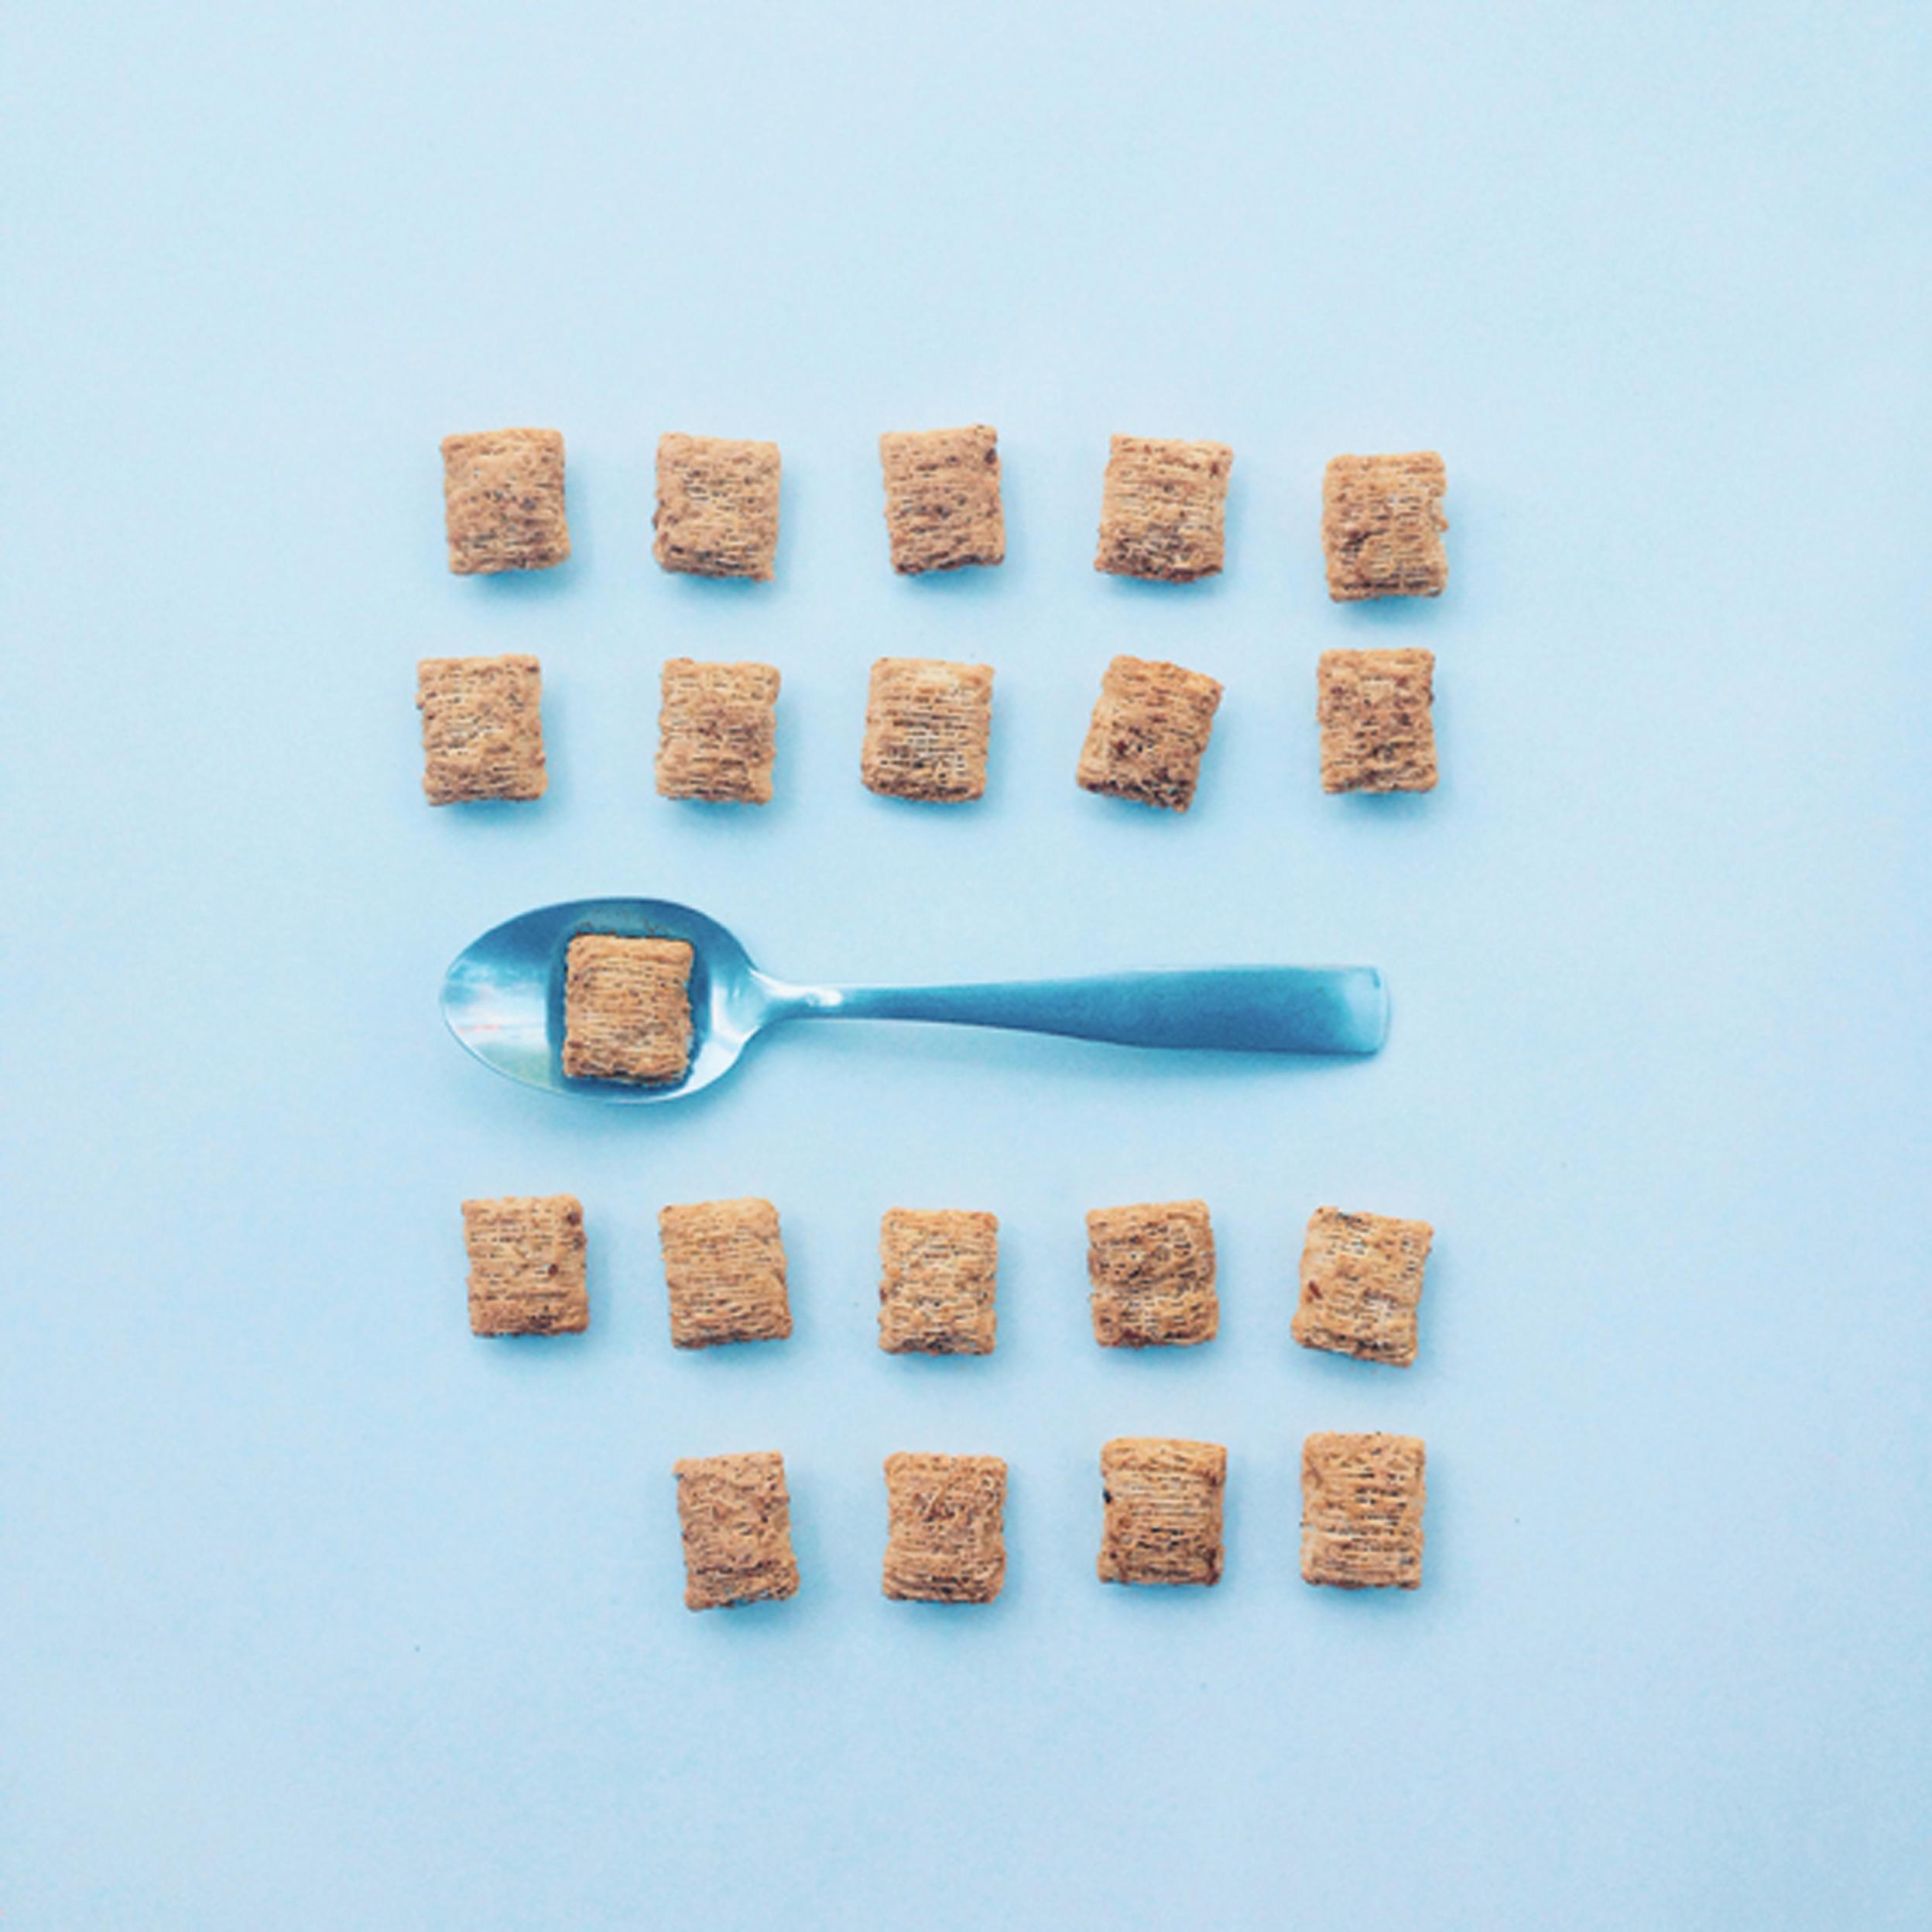 cereal-8.3x8.3-4C-V1.png